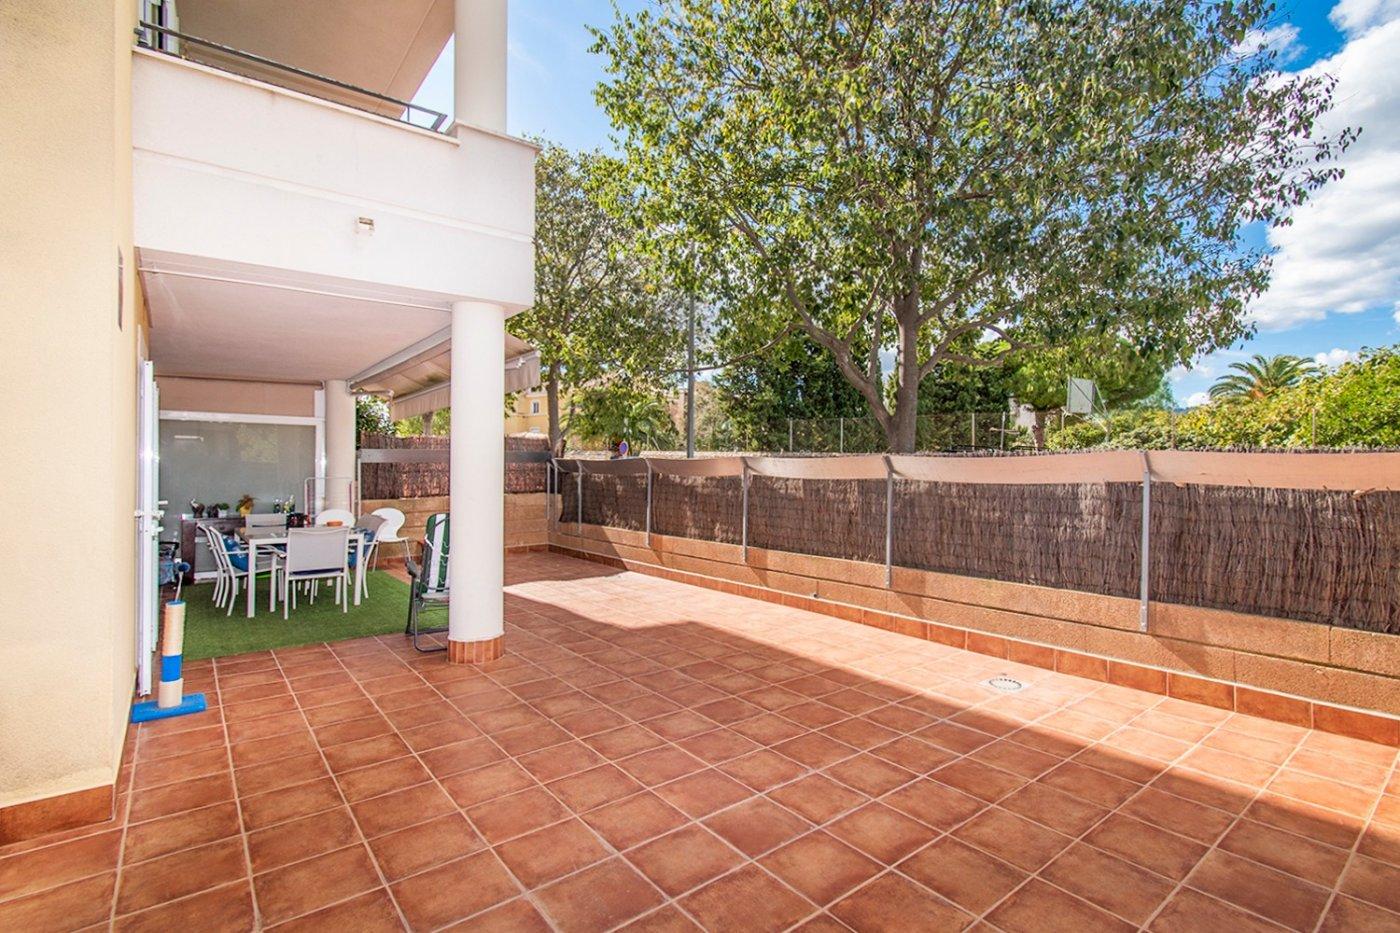 Planta baja de 2 habitaciones, terraza, parking, trastero y zonas comunitarias en son moix - imagenInmueble17